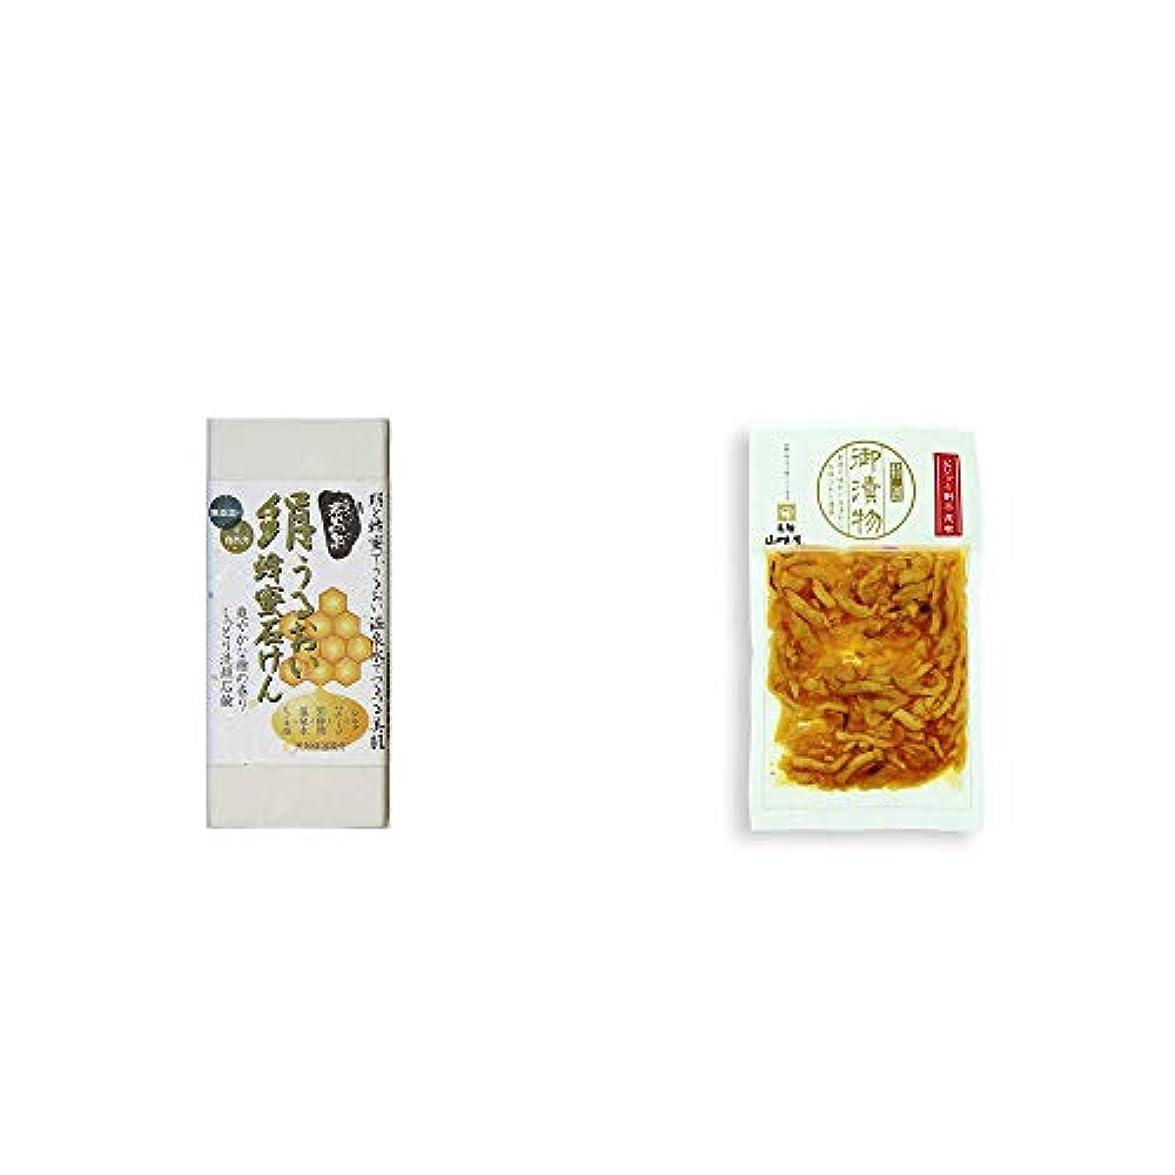 認証つま先朝[2点セット] ひのき炭黒泉 絹うるおい蜂蜜石けん(75g×2)?飛騨山味屋 ピリッと割干し昆布(230g)